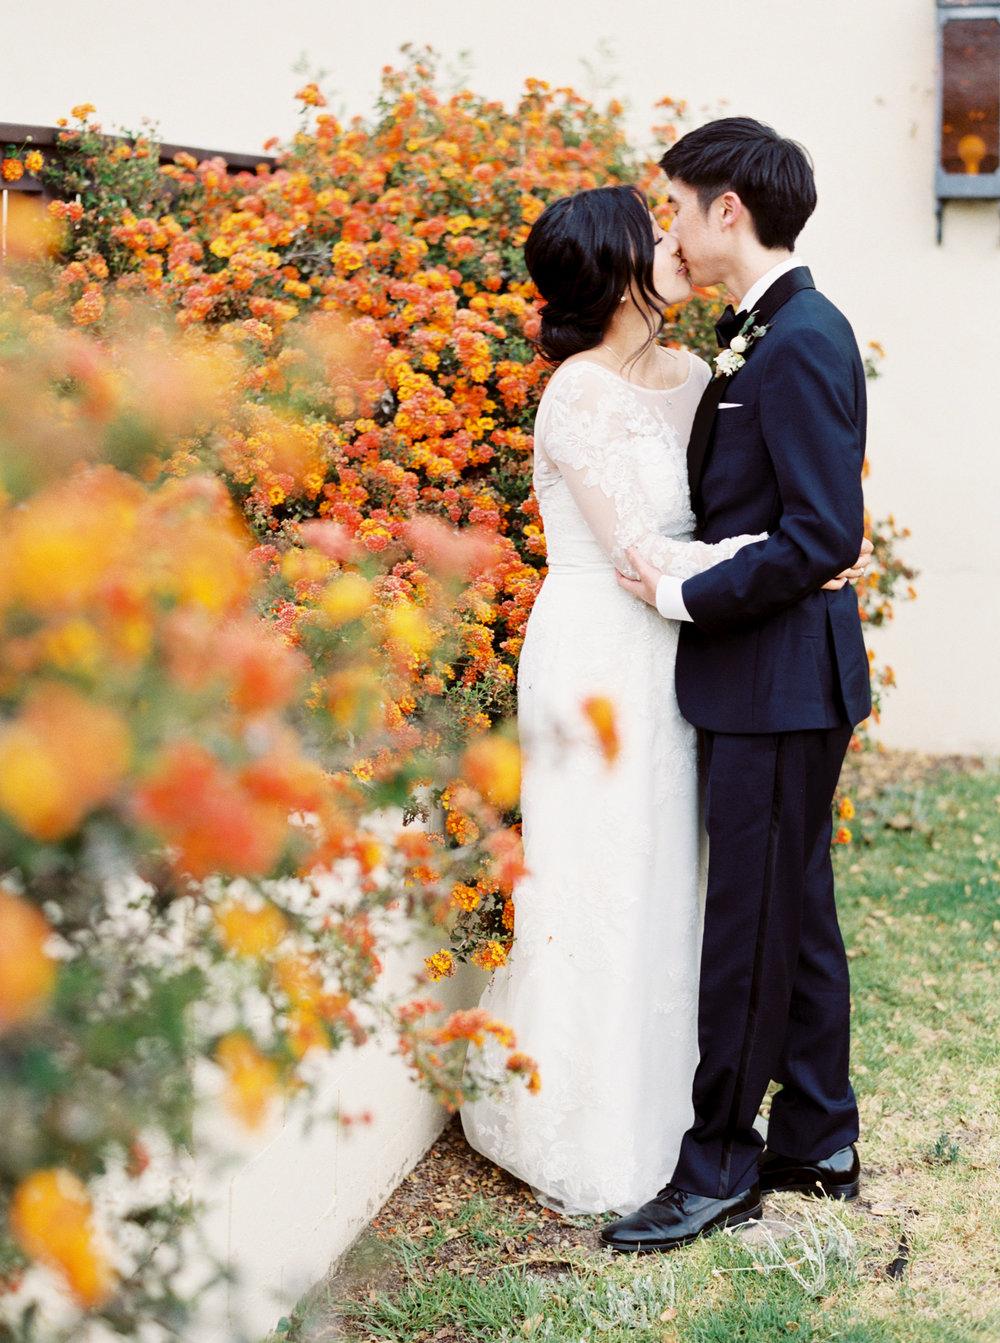 carmel-wedding-at-wedgewood-carmel-california-19.jpg